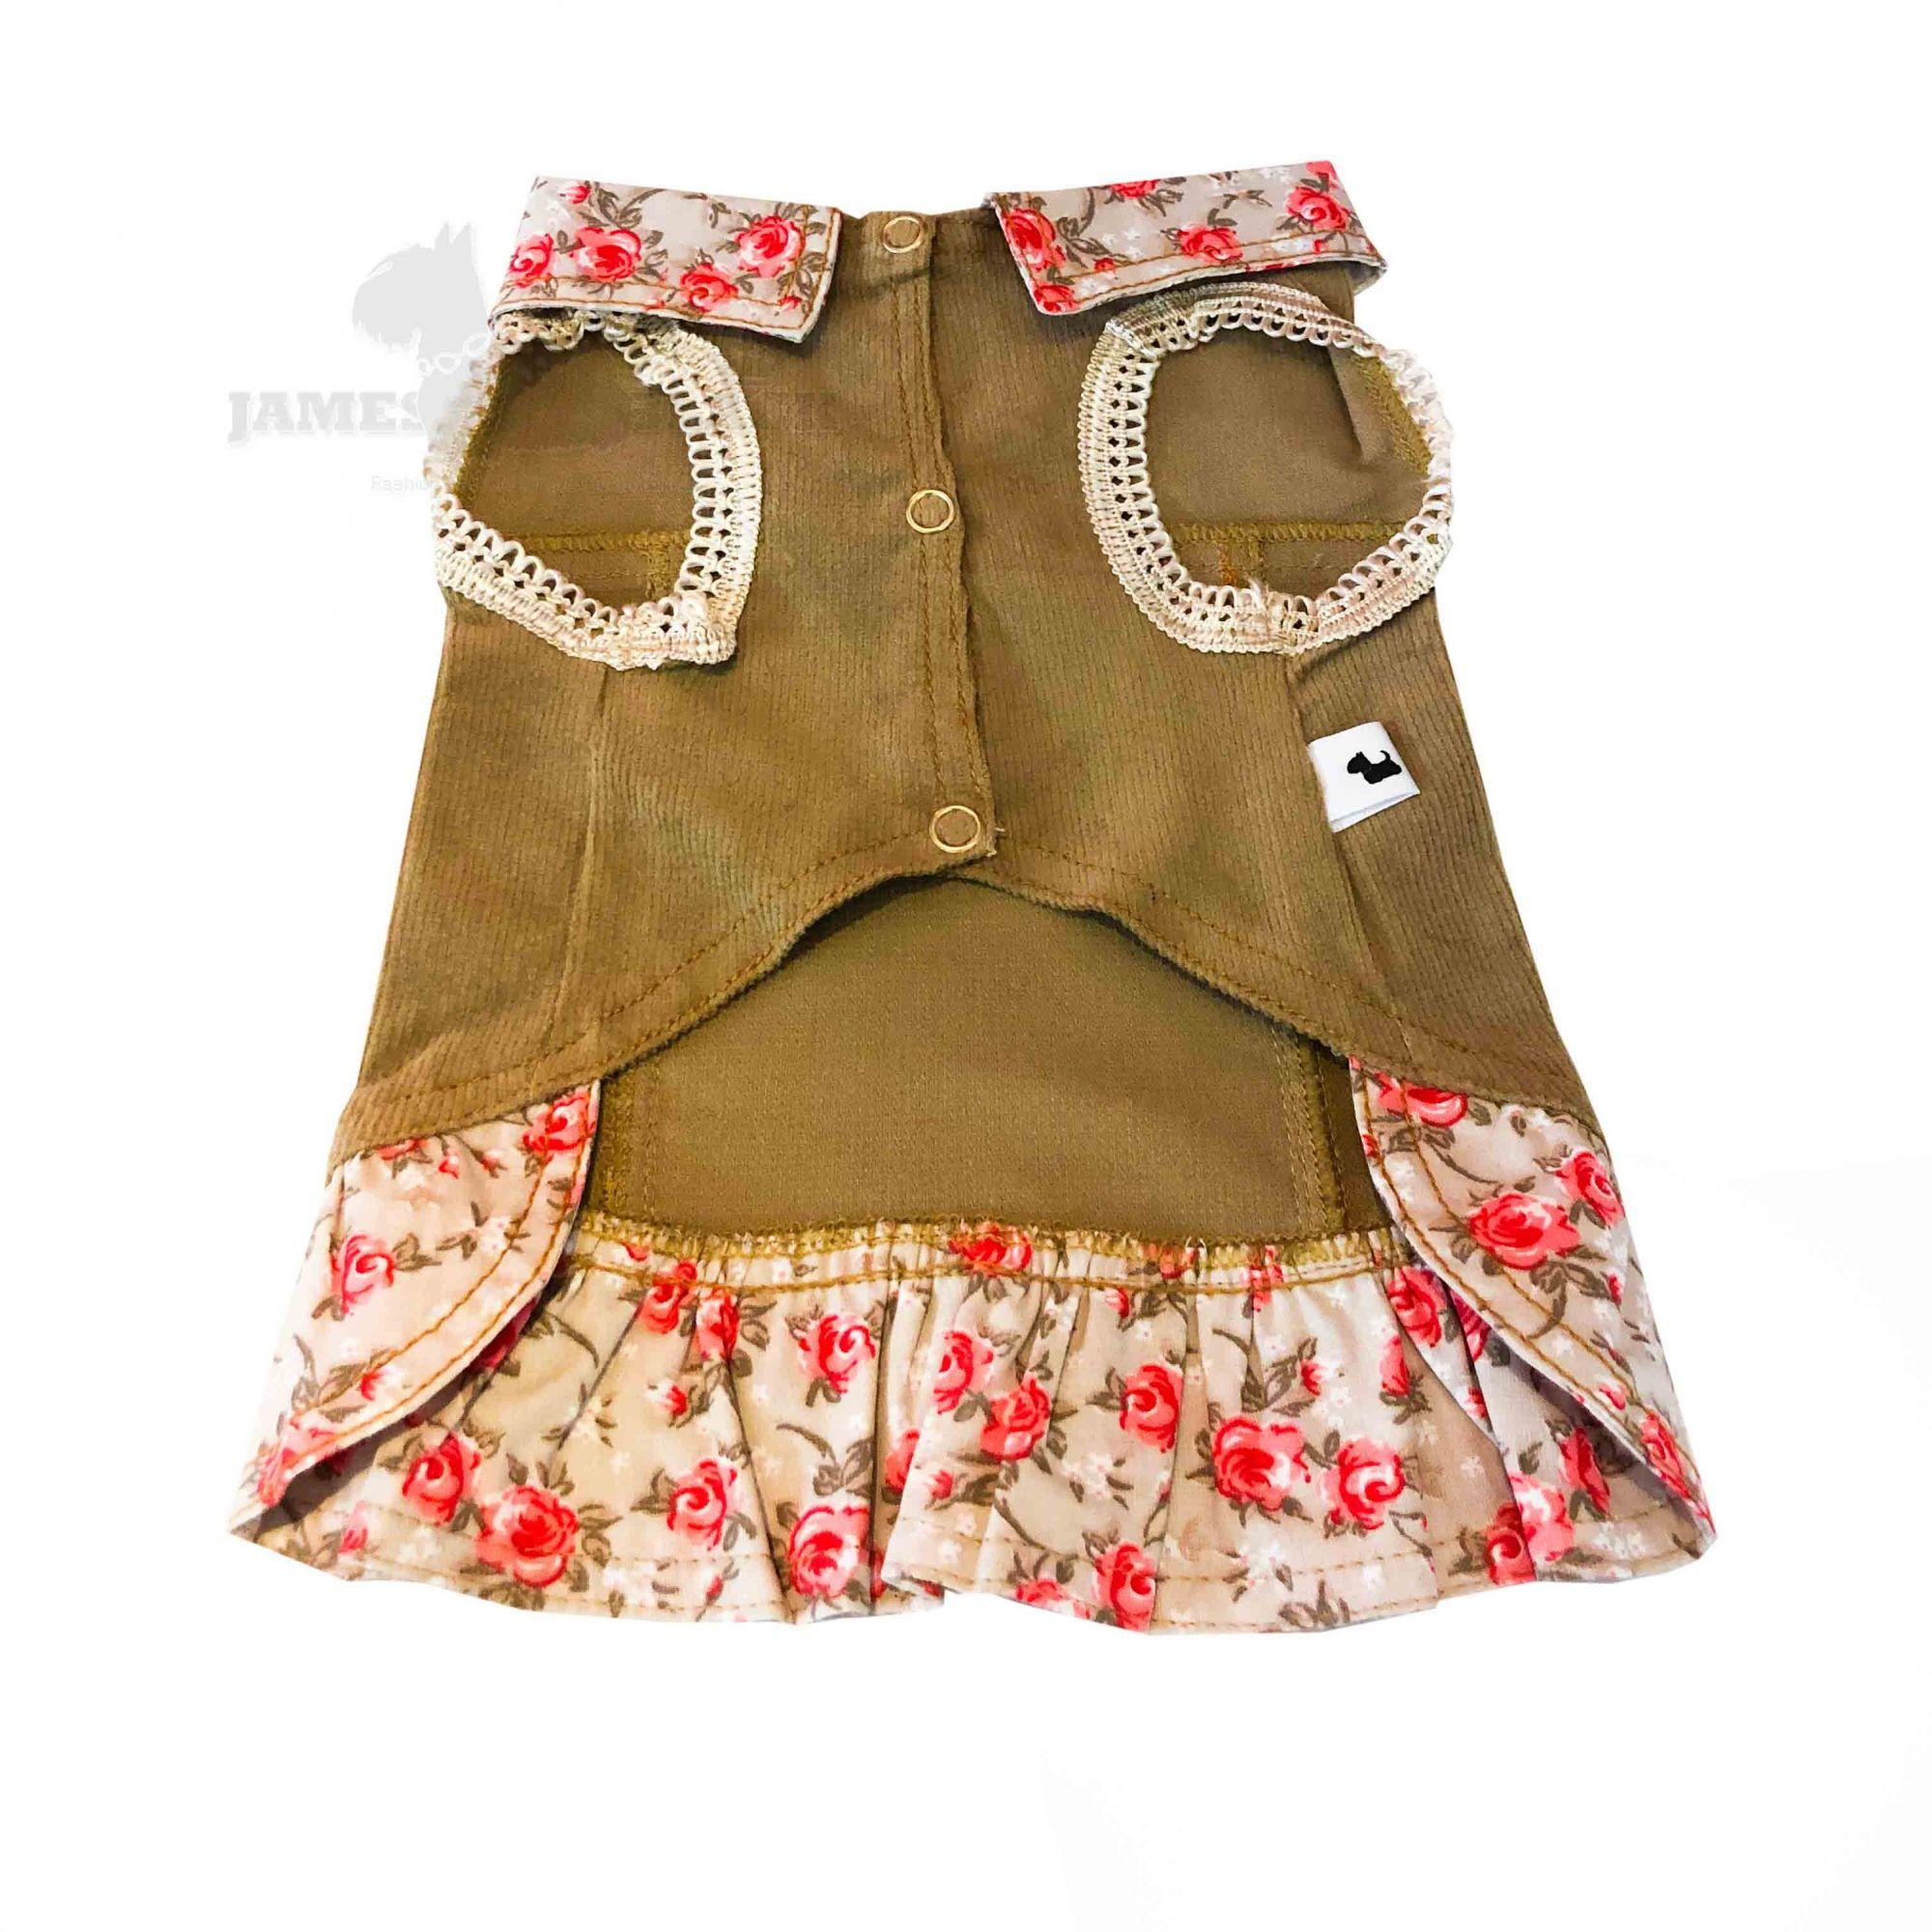 Jaqueta Pet em Veludo com viés importado e tecido floral